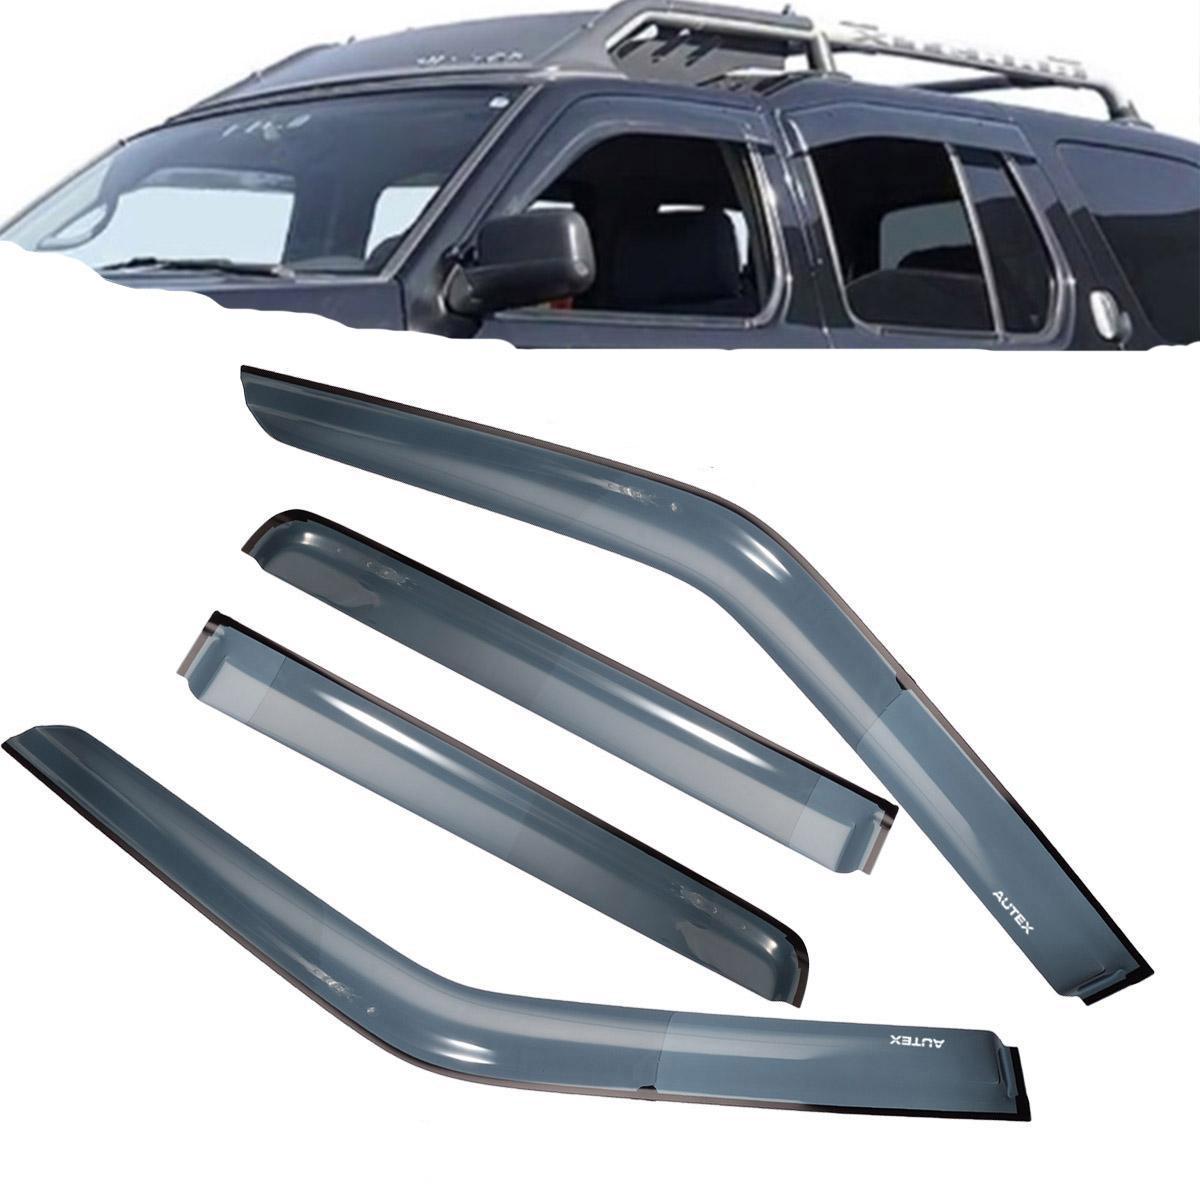 JDM Vent Window Visor In-Channel 4pcs for Nissan Juke 11-17 2011-2017 4 Doors